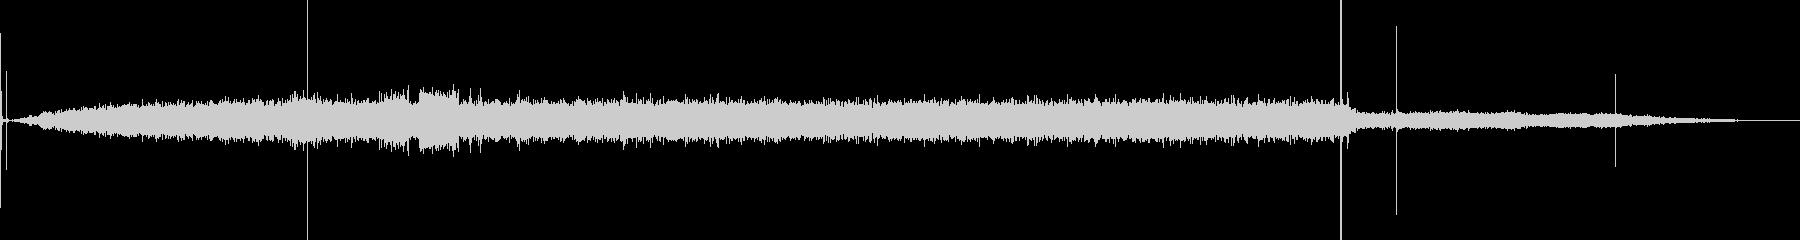 ハードディスク-電源オン-電源オフ2の未再生の波形